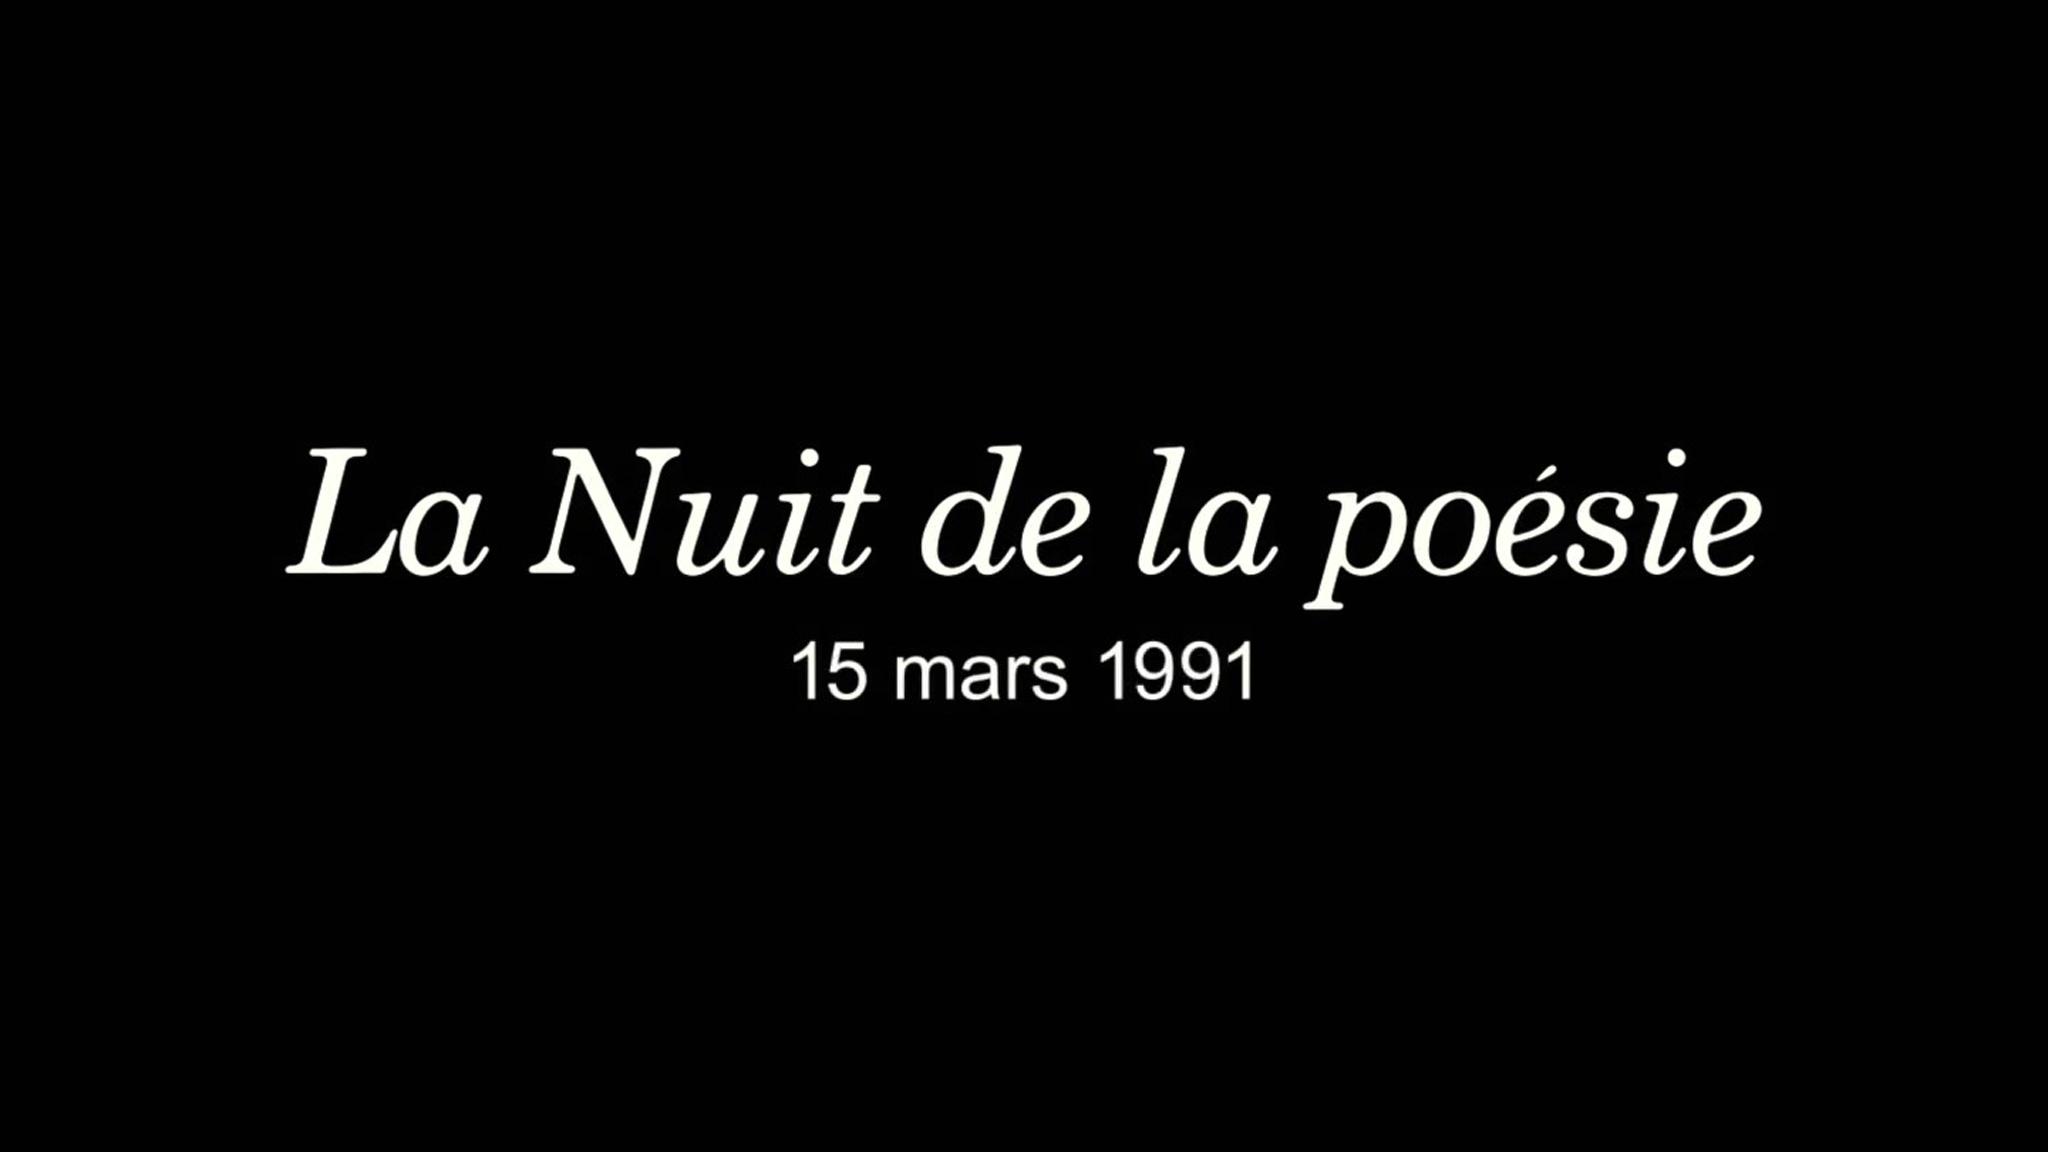 Les Nuits de la poésie (14 ans et +)